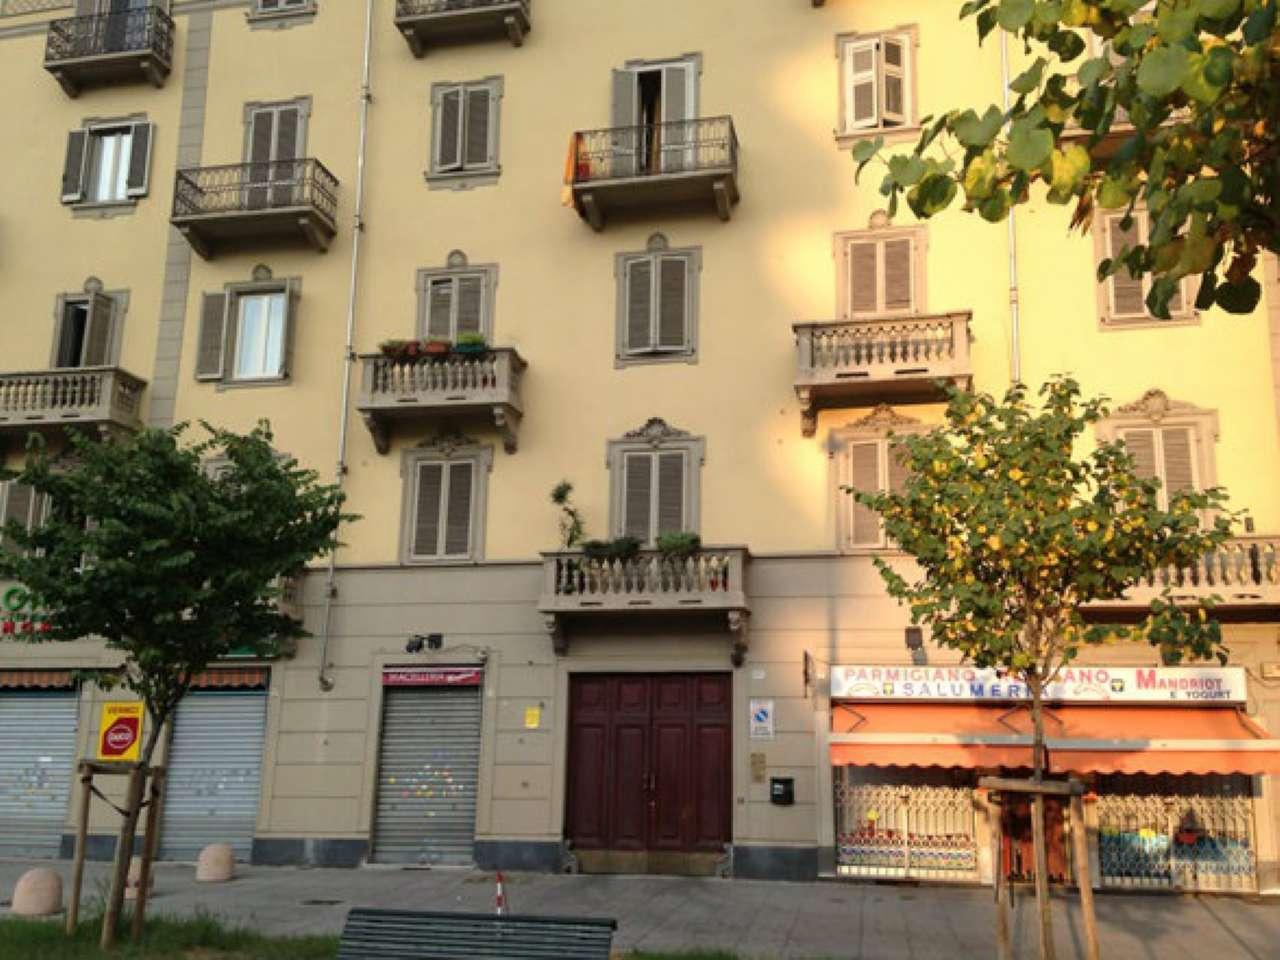 Torino Torino Affitto APPARTAMENTO » annunci case per affitto a torino e provincia